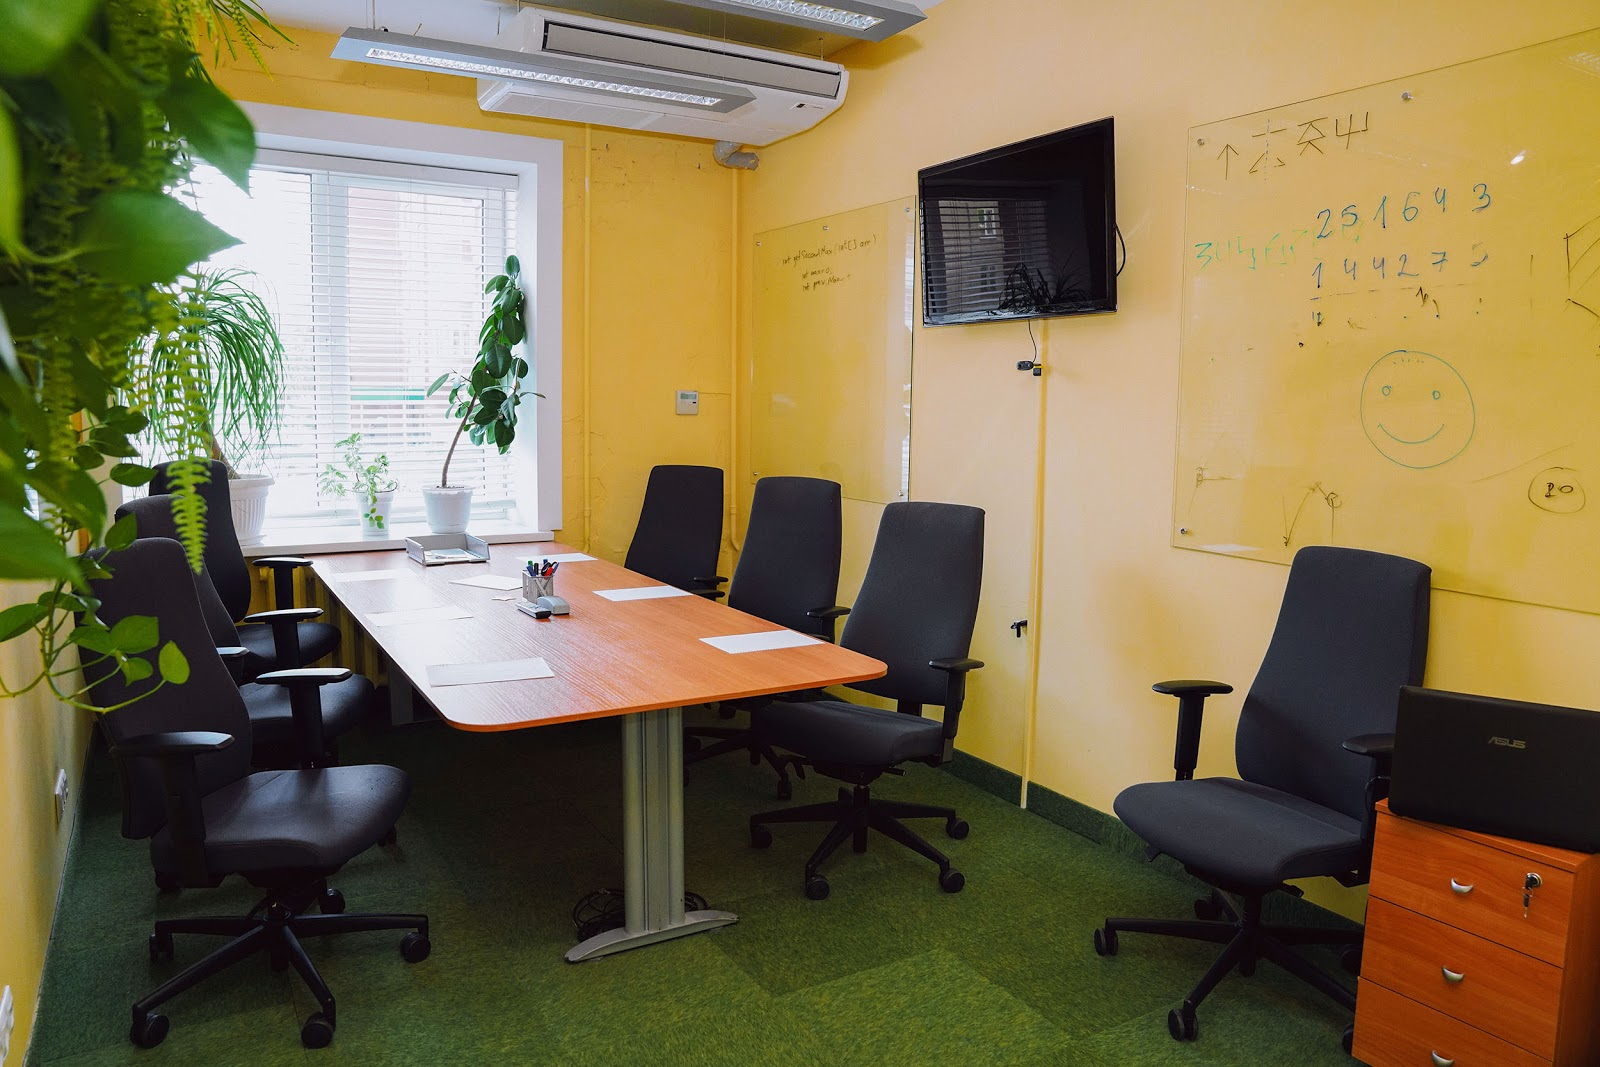 Комфортный офис — помогает работать или мешает и отвлекает? Ответят Sidenis, Alternativa Games и FunBox - 10